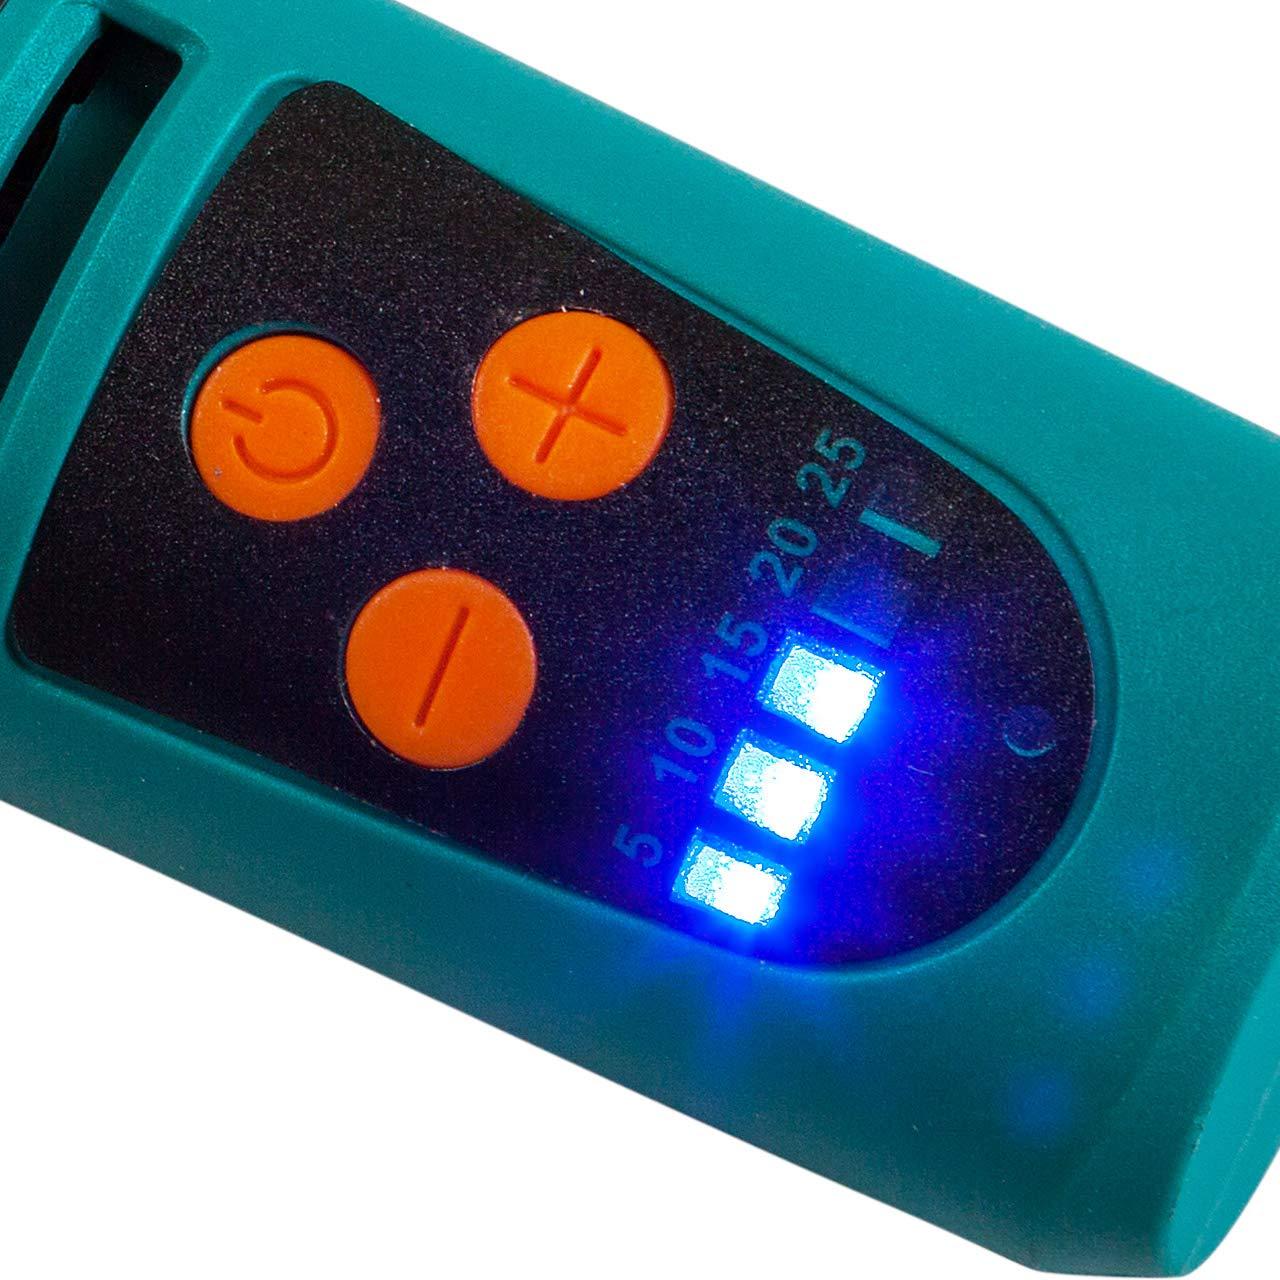 Bort Mini Amoladora Bater/ía bater/ía de iones de litio Herramienta rotativa el/éctrica sin cable BCT-72Li con control electr/ónico de velocidad iluminaci/ón frontal 7.2 V